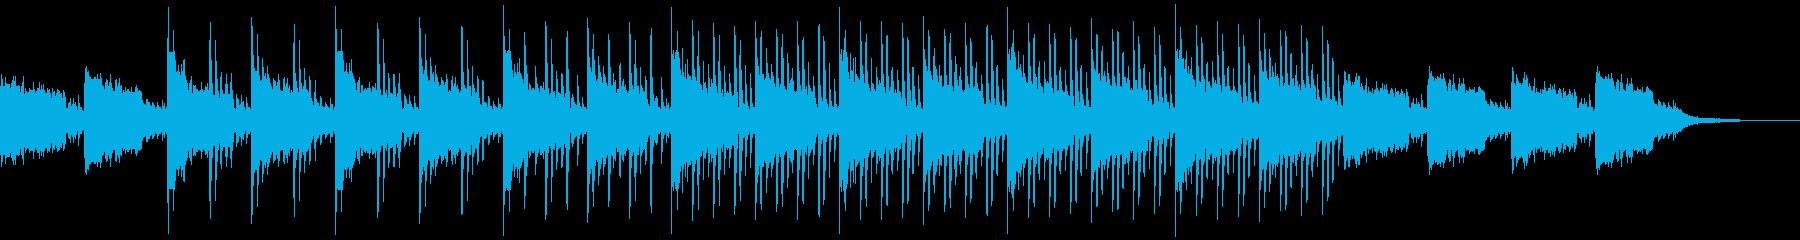 スリラー映画予告曲 異様な雰囲気で迫る曲の再生済みの波形